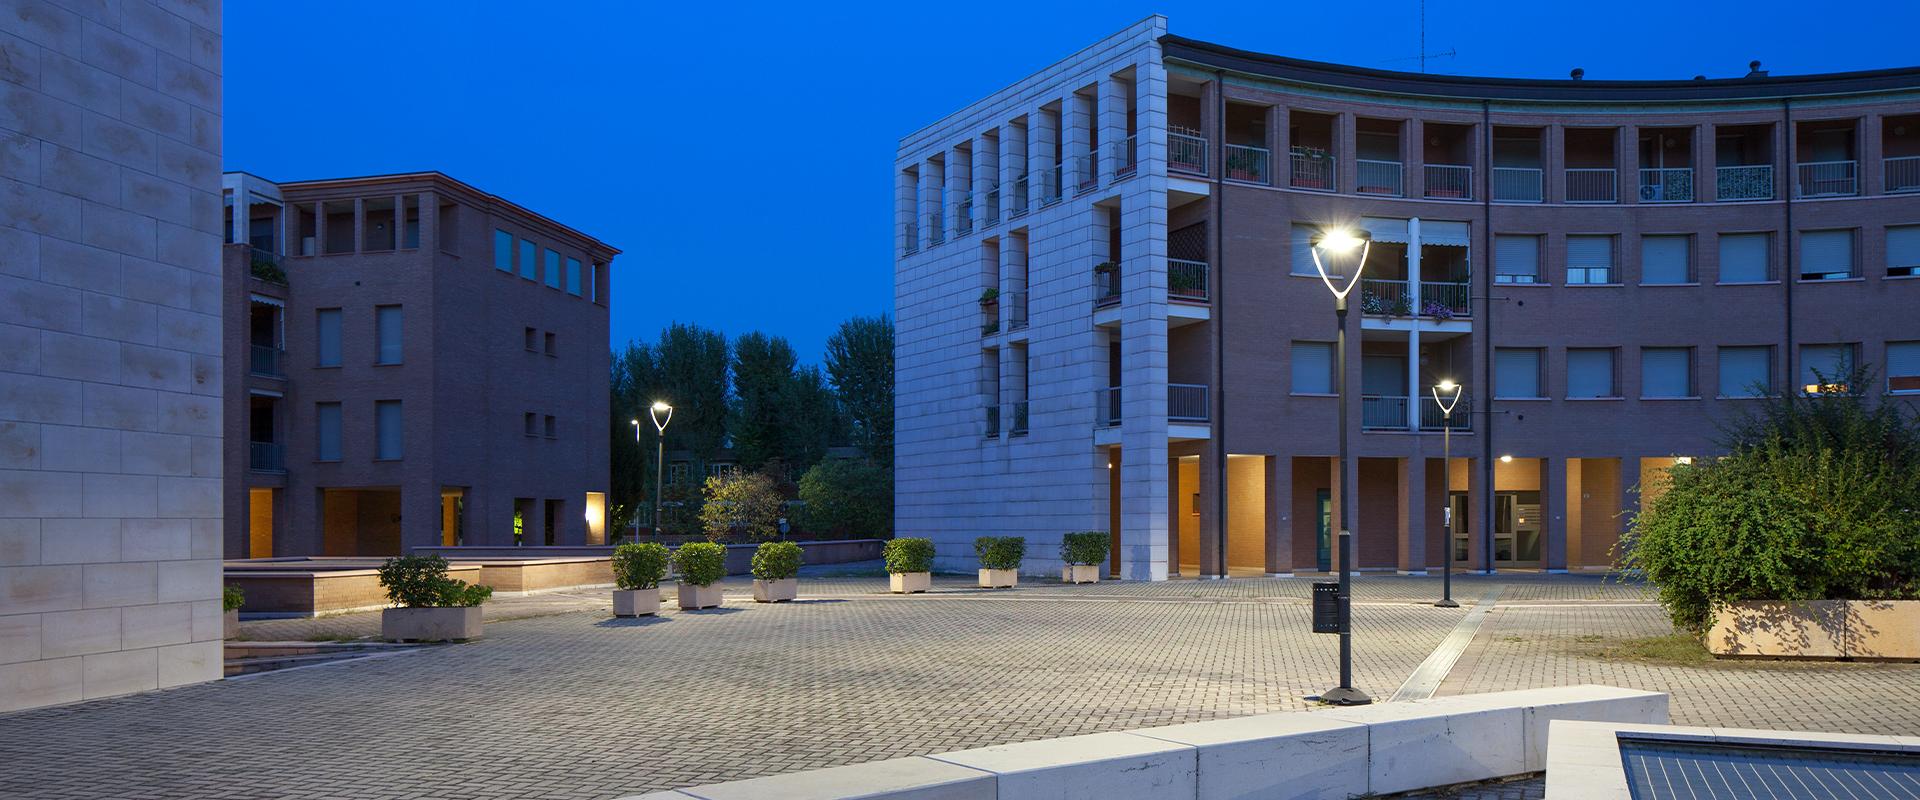 Illuminazione pubblica a LED della città di Modena